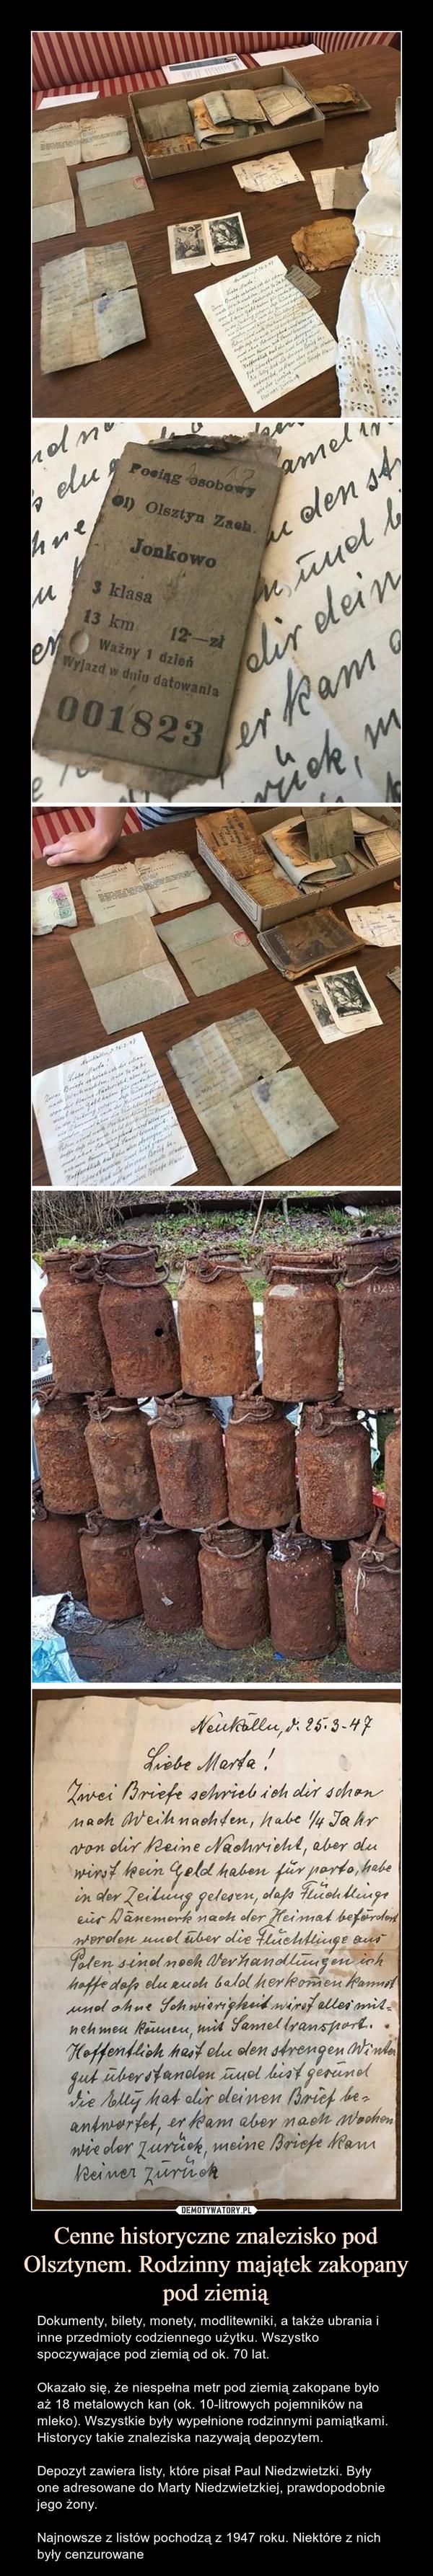 Cenne historyczne znalezisko pod Olsztynem. Rodzinny majątek zakopany pod ziemią – Dokumenty, bilety, monety, modlitewniki, a także ubrania i inne przedmioty codziennego użytku. Wszystko spoczywające pod ziemią od ok. 70 lat.Okazało się, że niespełna metr pod ziemią zakopane było aż 18 metalowych kan (ok. 10-litrowych pojemników na mleko). Wszystkie były wypełnione rodzinnymi pamiątkami. Historycy takie znaleziska nazywają depozytem.Depozyt zawiera listy, które pisał Paul Niedzwietzki. Były one adresowane do Marty Niedzwietzkiej, prawdopodobnie jego żony.Najnowsze z listów pochodzą z 1947 roku. Niektóre z nich były cenzurowane